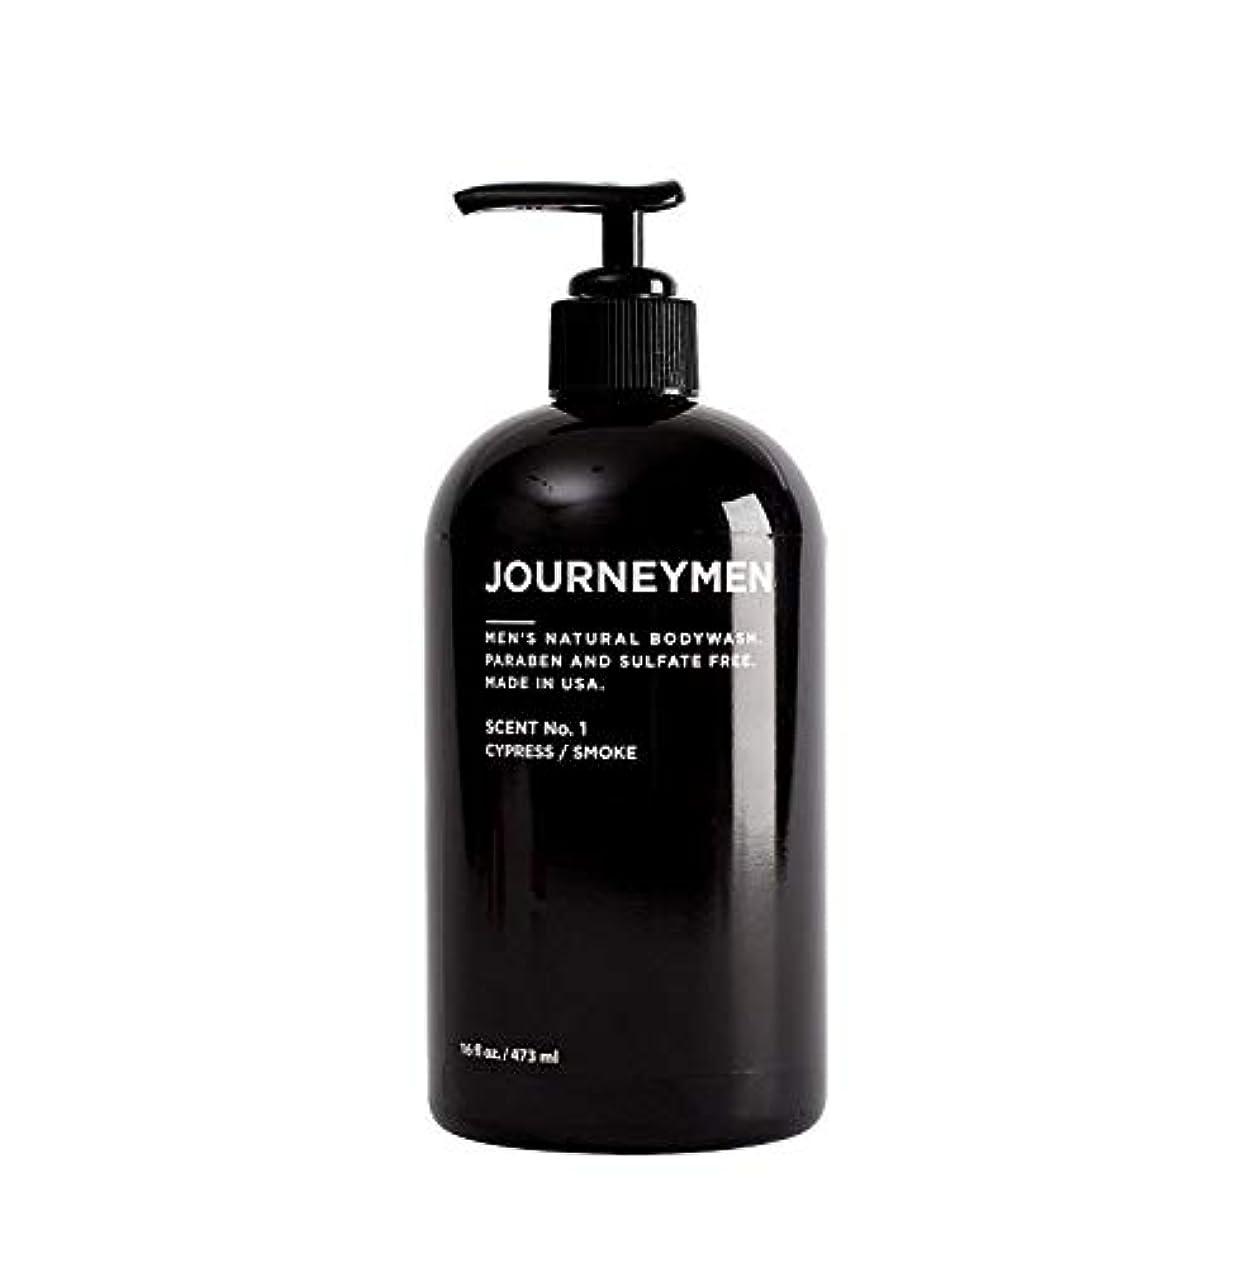 ポジティブマニフェスト意見Journeymen Natural Body Wash 16 oz/473 ml ジャーニーメンナチュラルボディウォッシュ